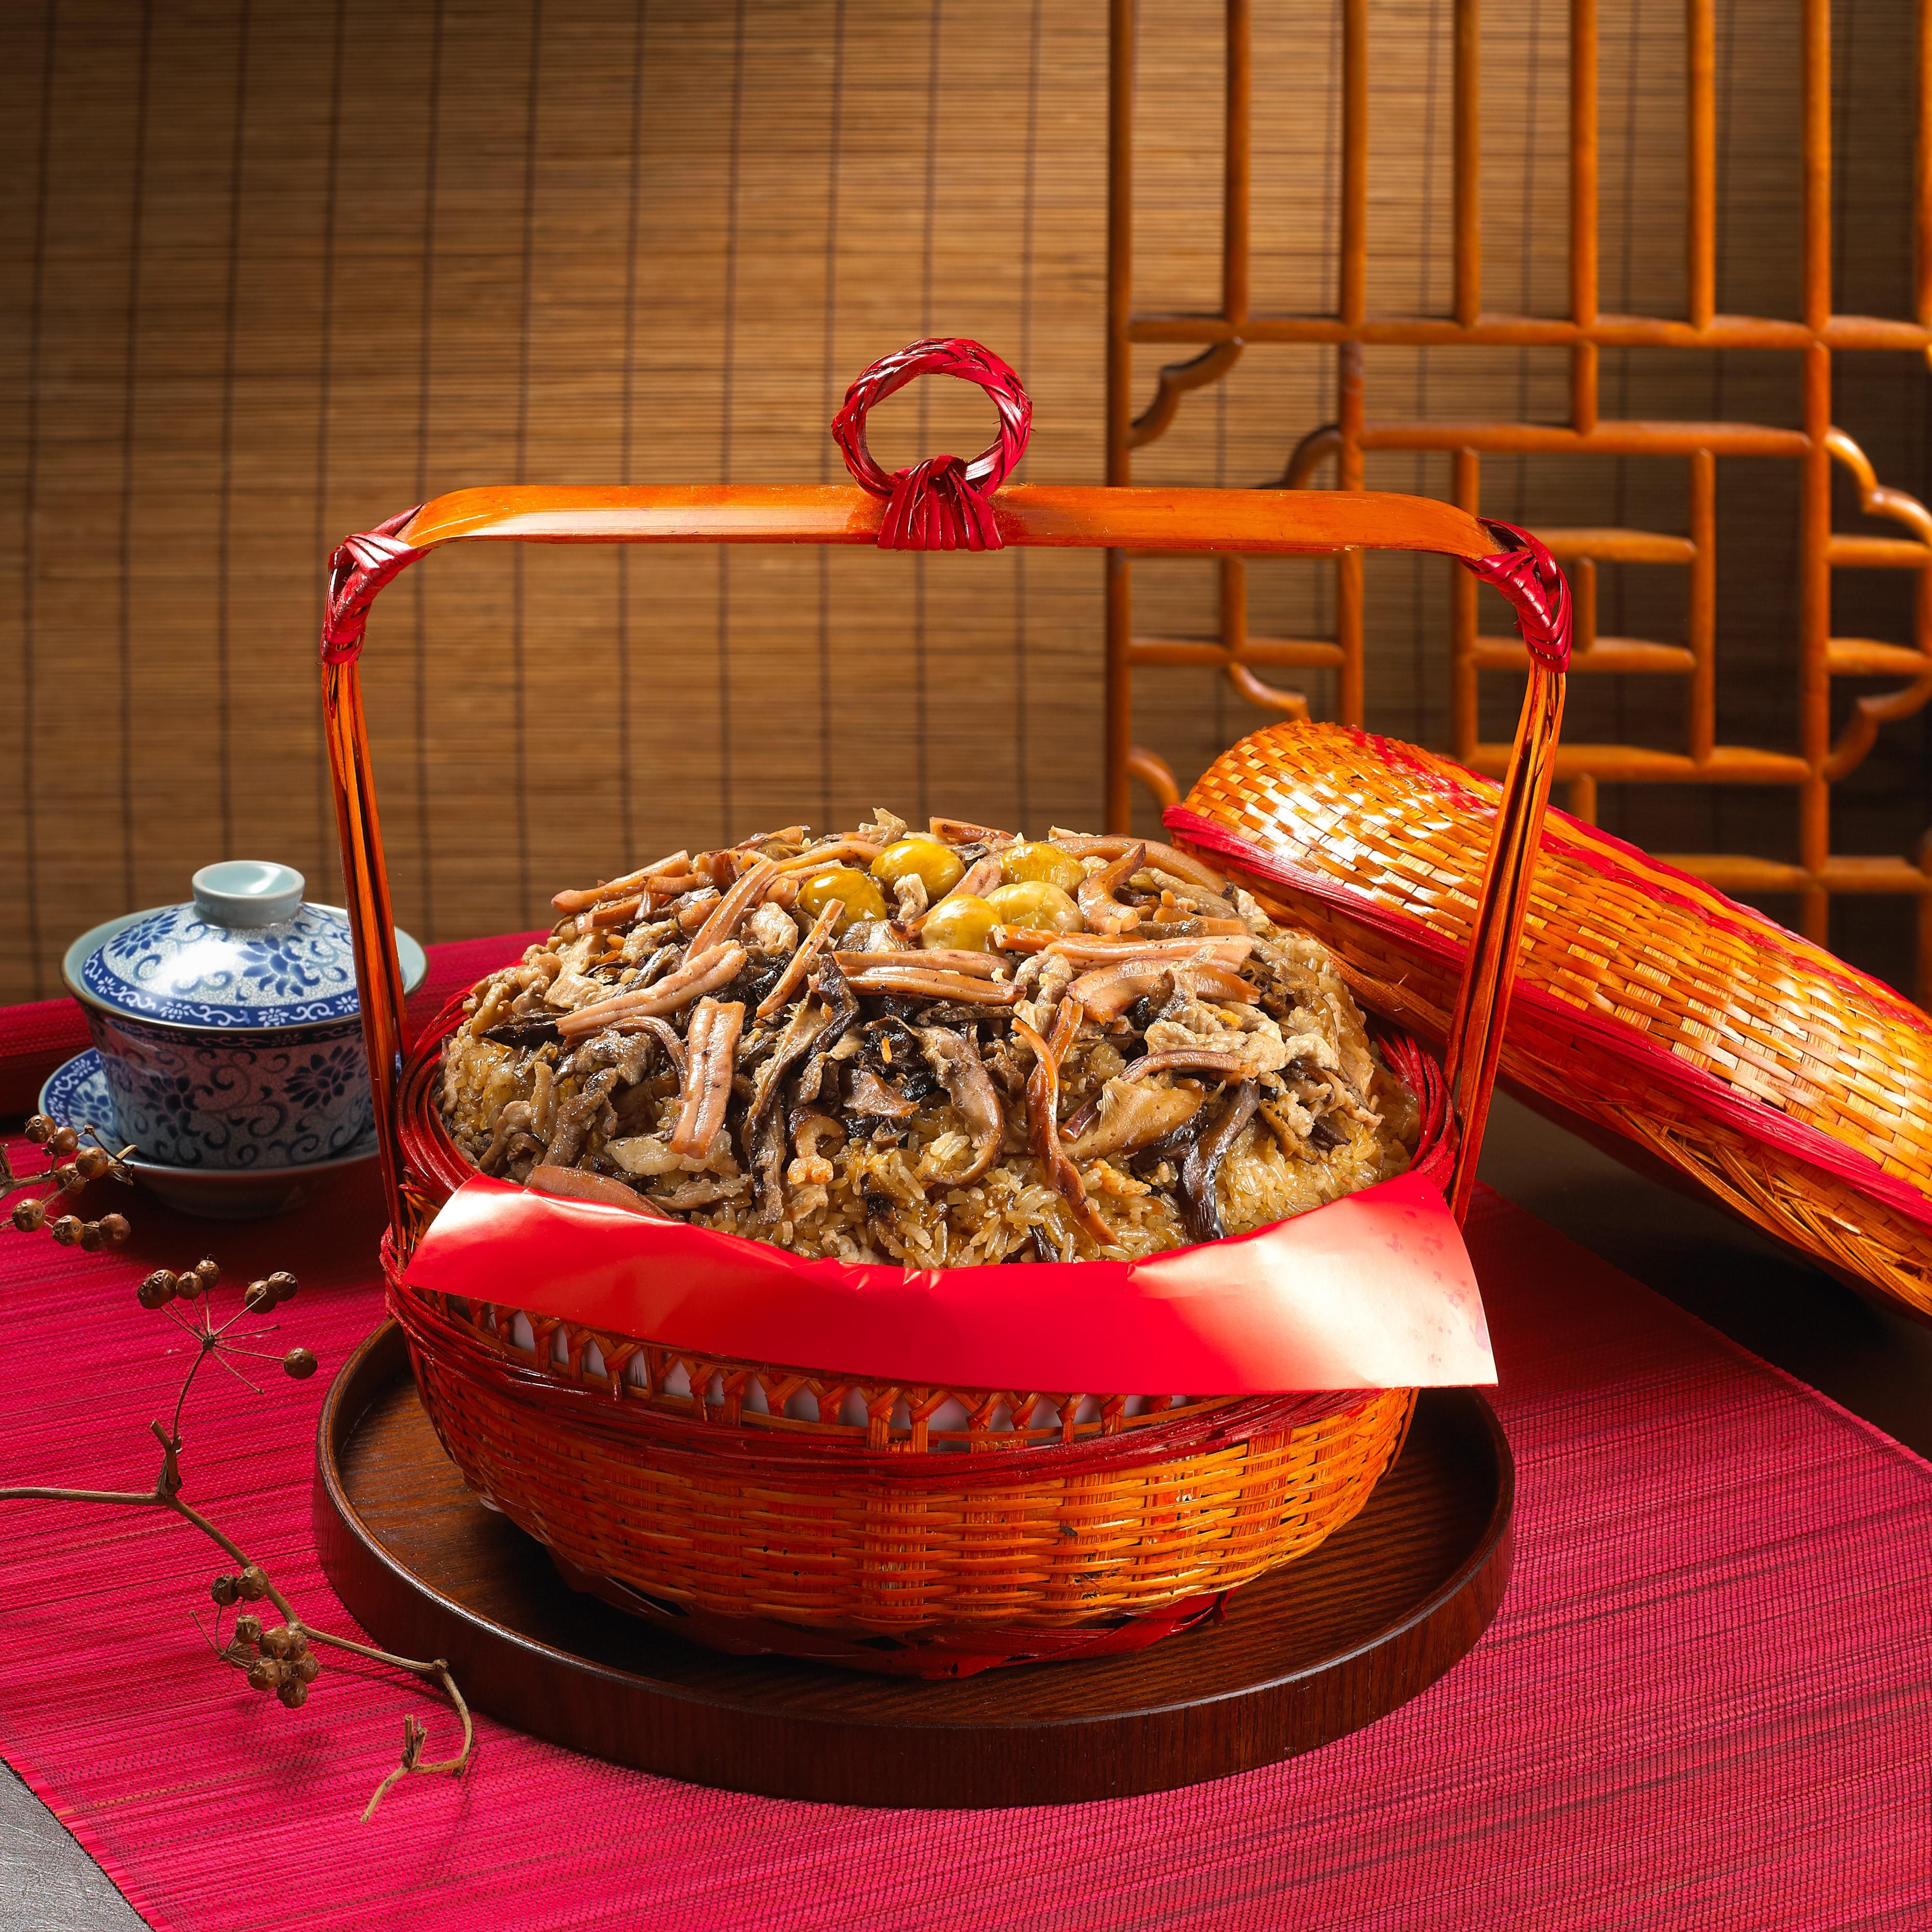 滿意謝籃-10斤(油飯10斤)$1300 建議售價:$1300元 材料:油飯10斤、栗子、香菇、 瘦肉、蝦仁